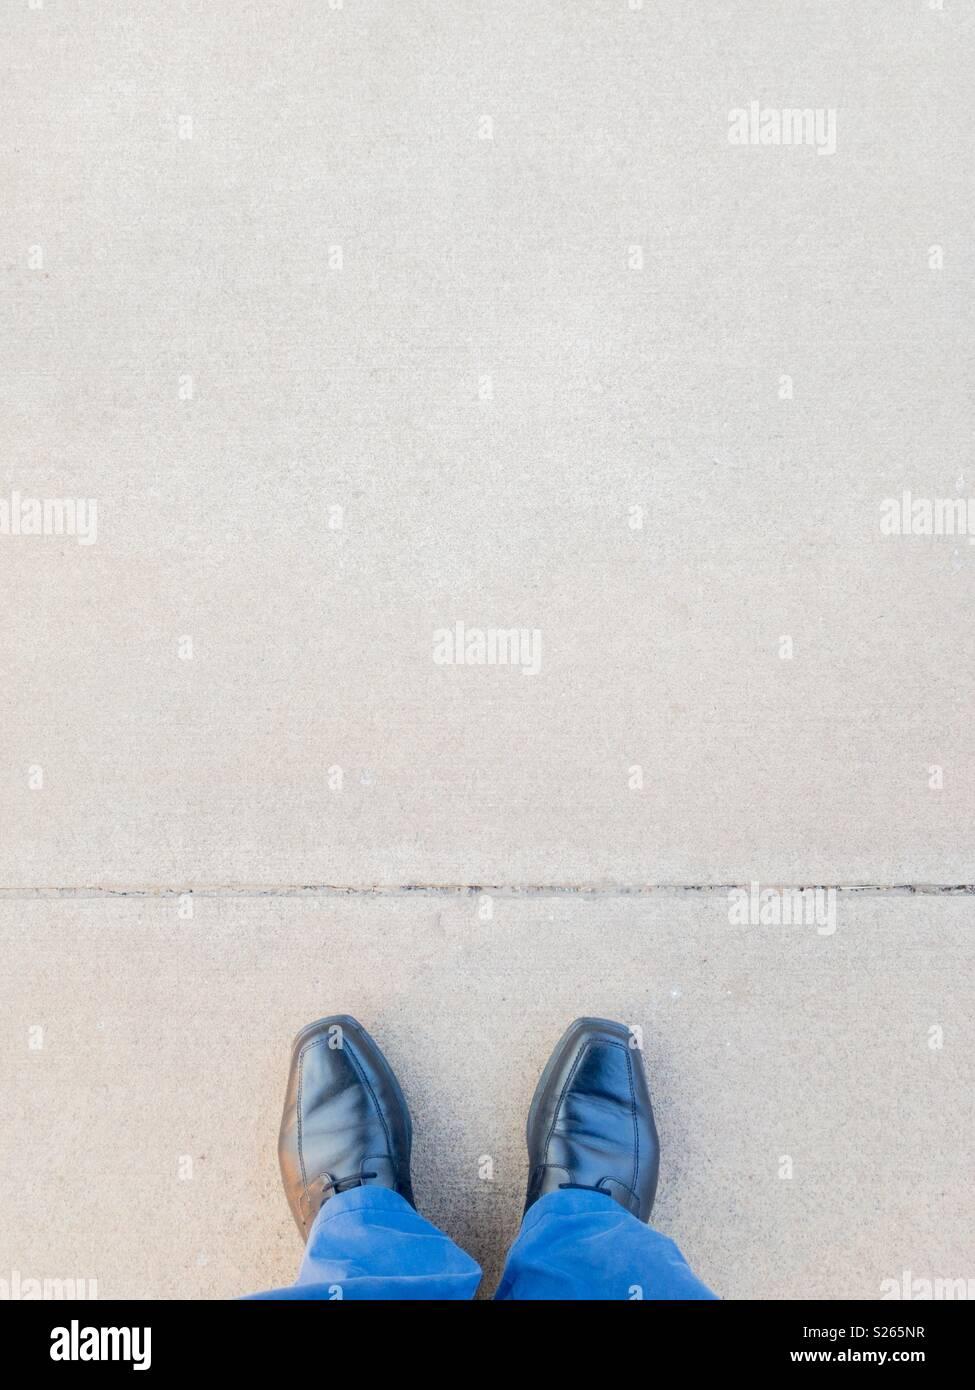 Point de vue personnel d'un homme debout en face d'une ligne tracée sur le sol. Photo Stock